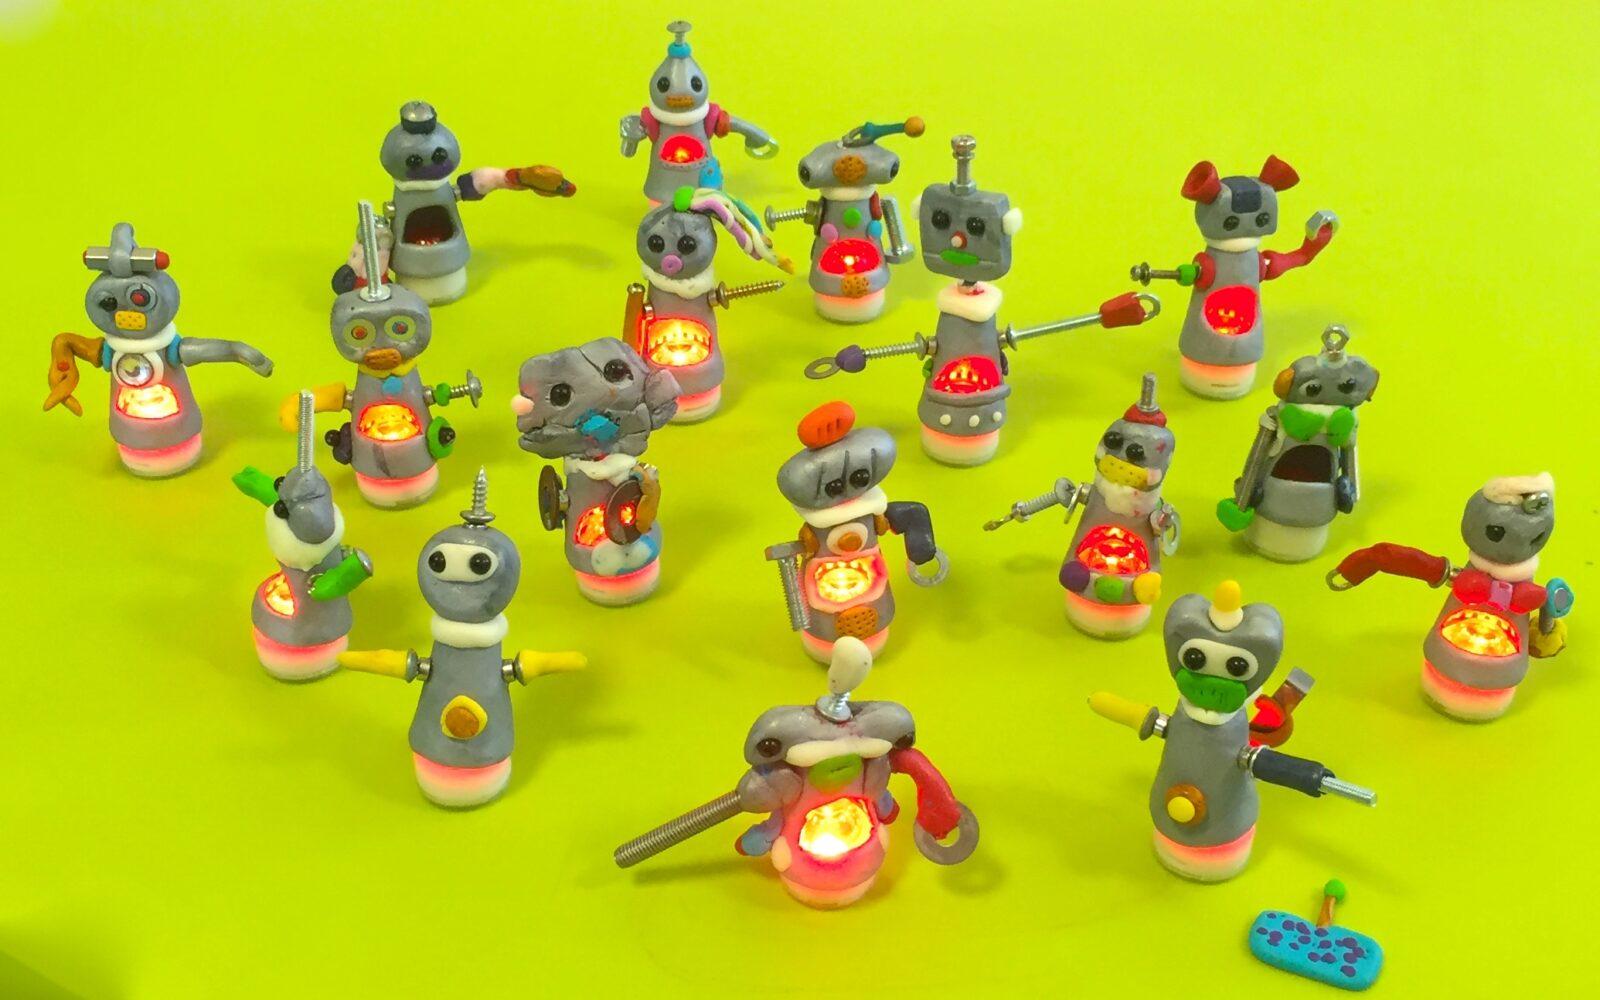 ポリマークレイ光るロボットを作ろうできたよロボット集合写真